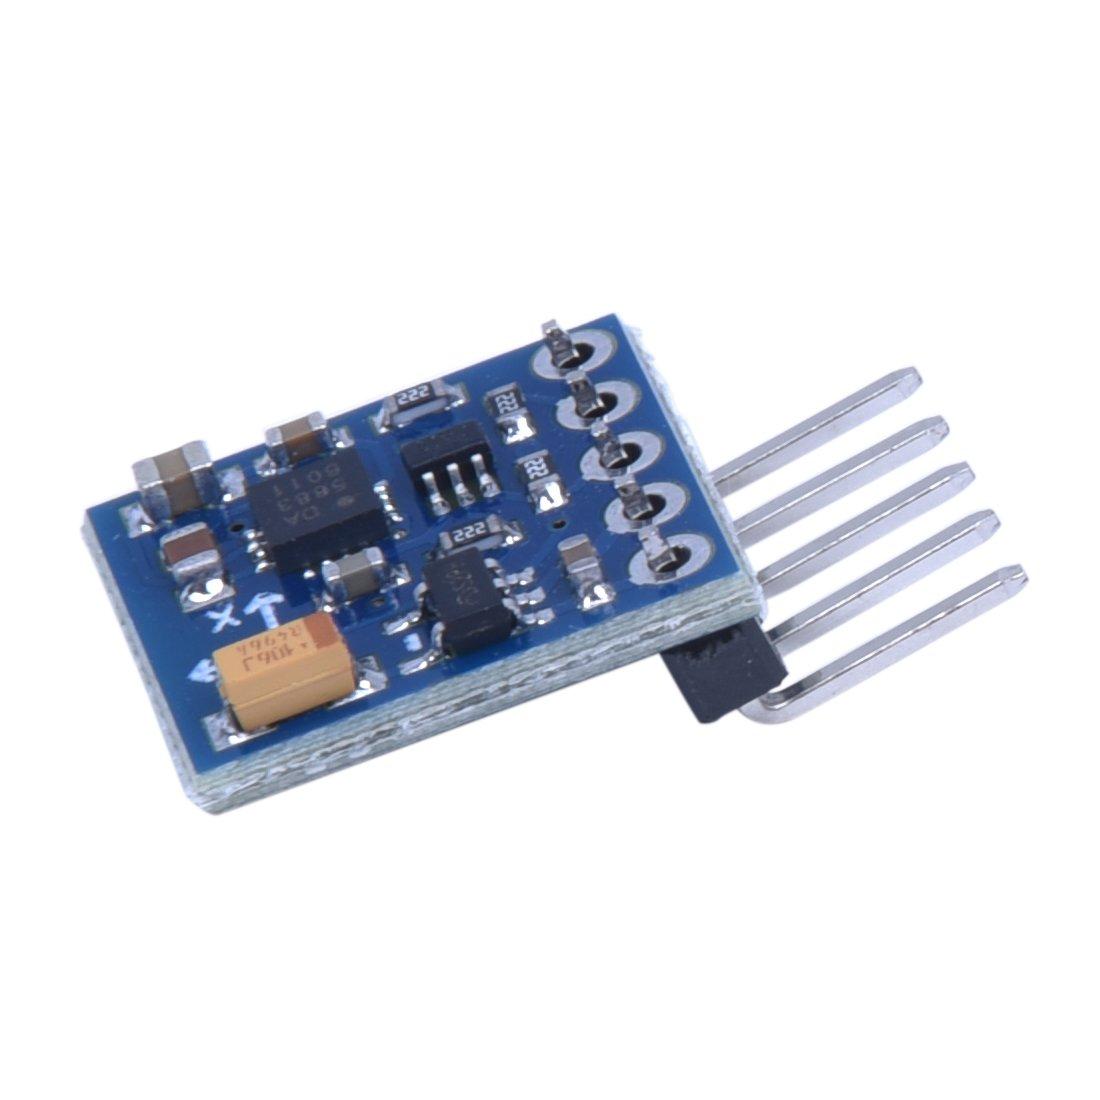 TOOGOO(R) HMC5883L Power supply:3V-5V Triple Axis Compass Magnetometer Sensor Module